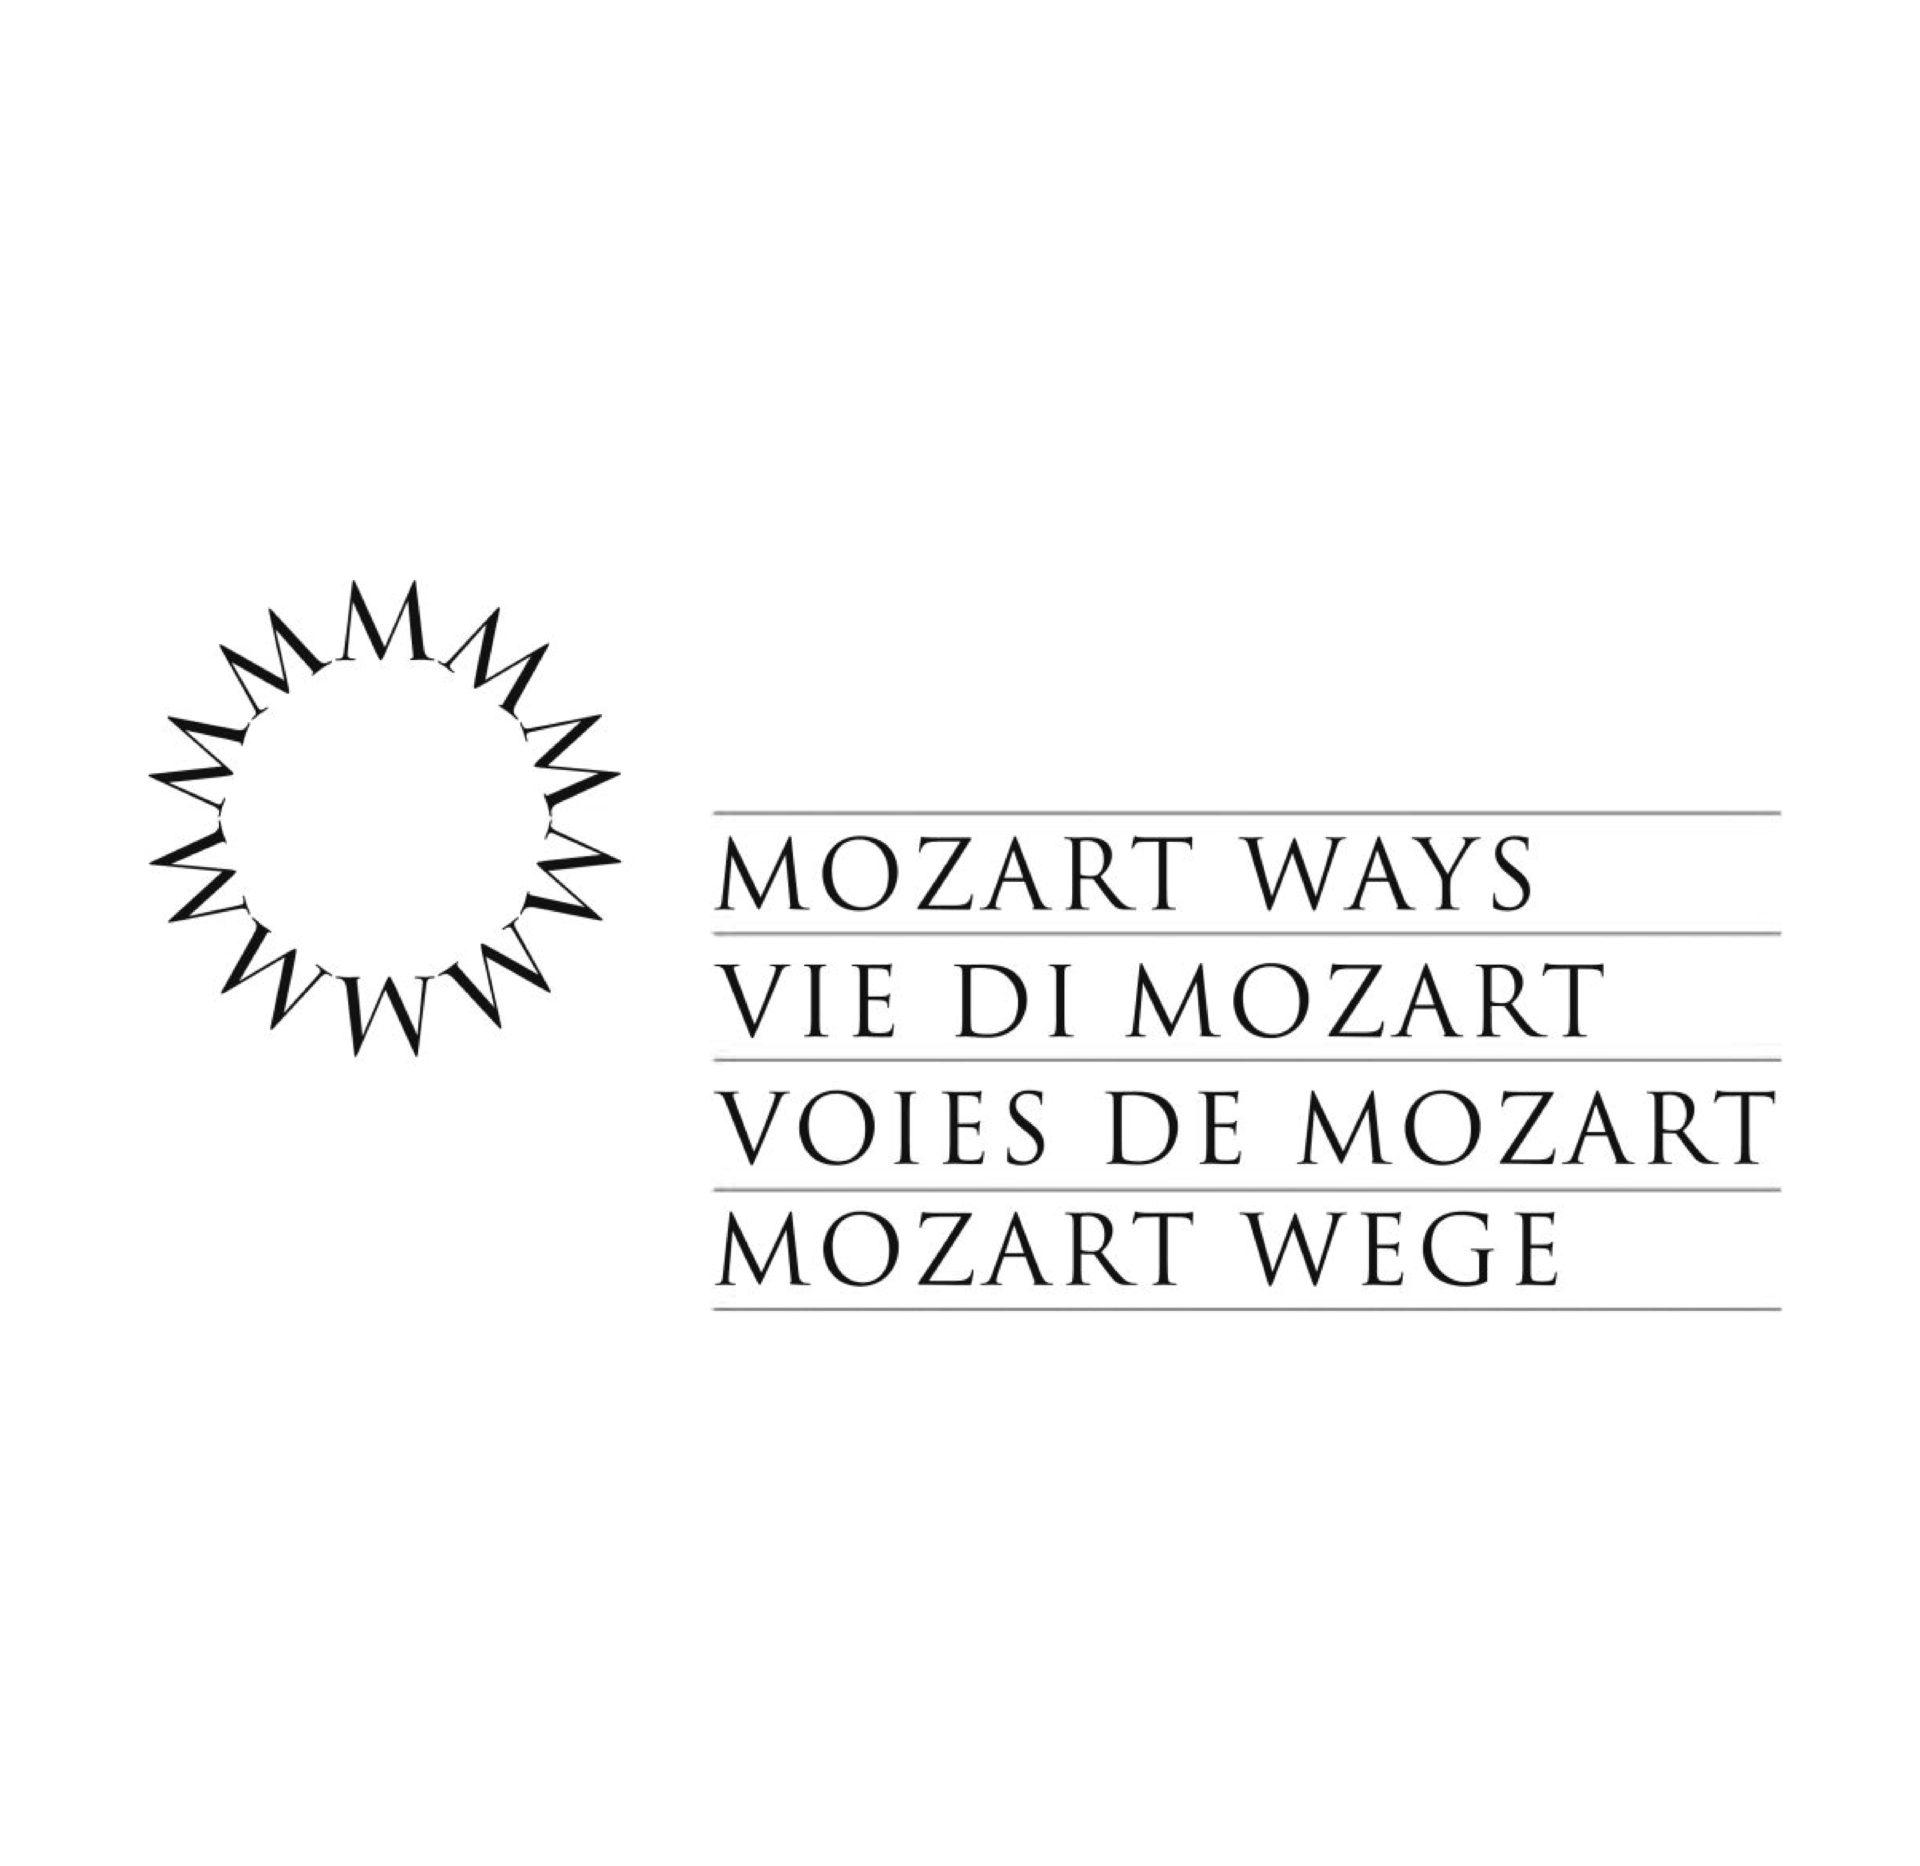 Europäische Mozartwege